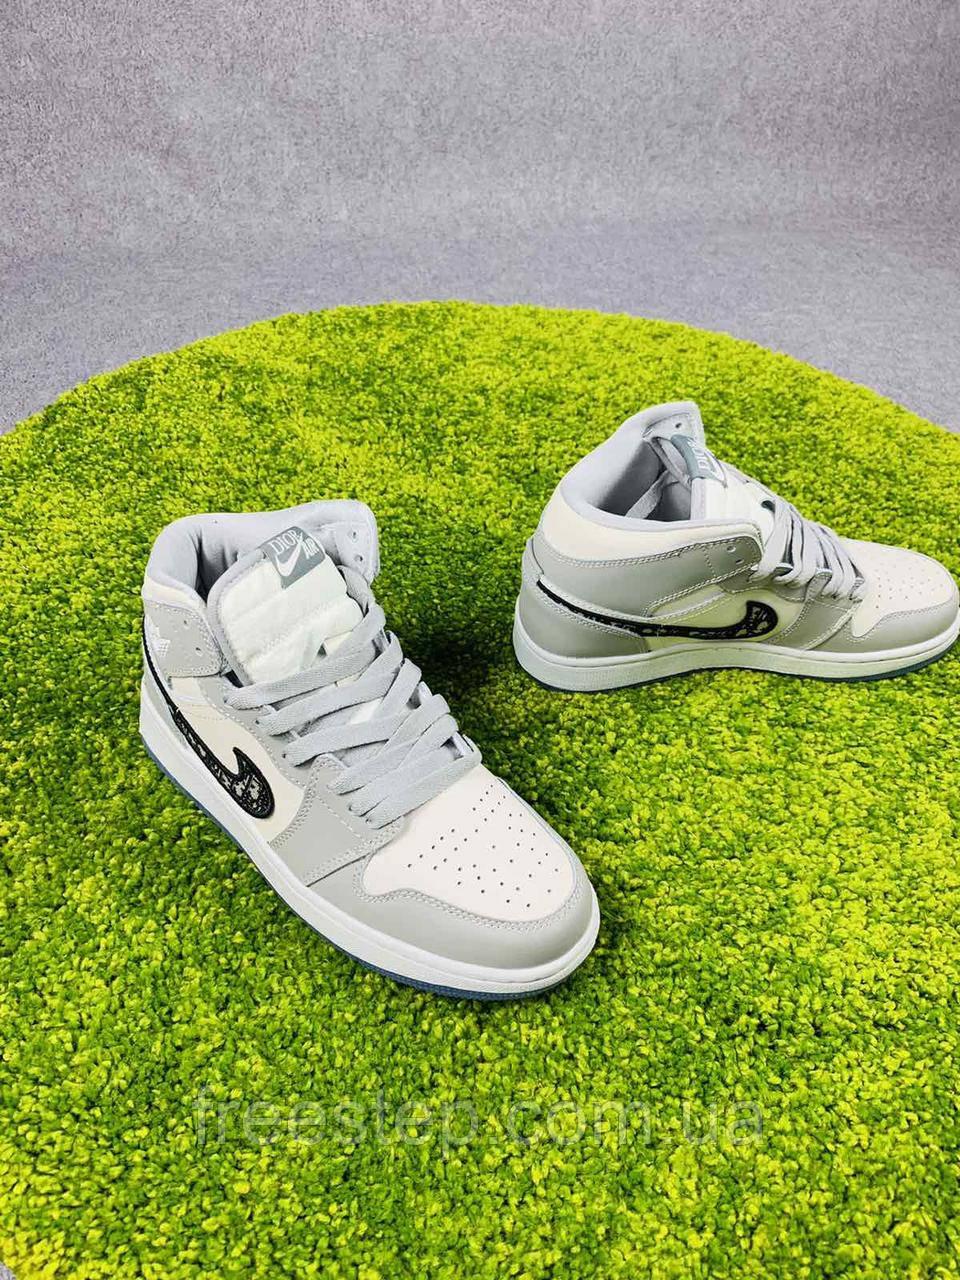 Женские кроссовки в стиле Jordan 1 Retro High Dior белые с серым